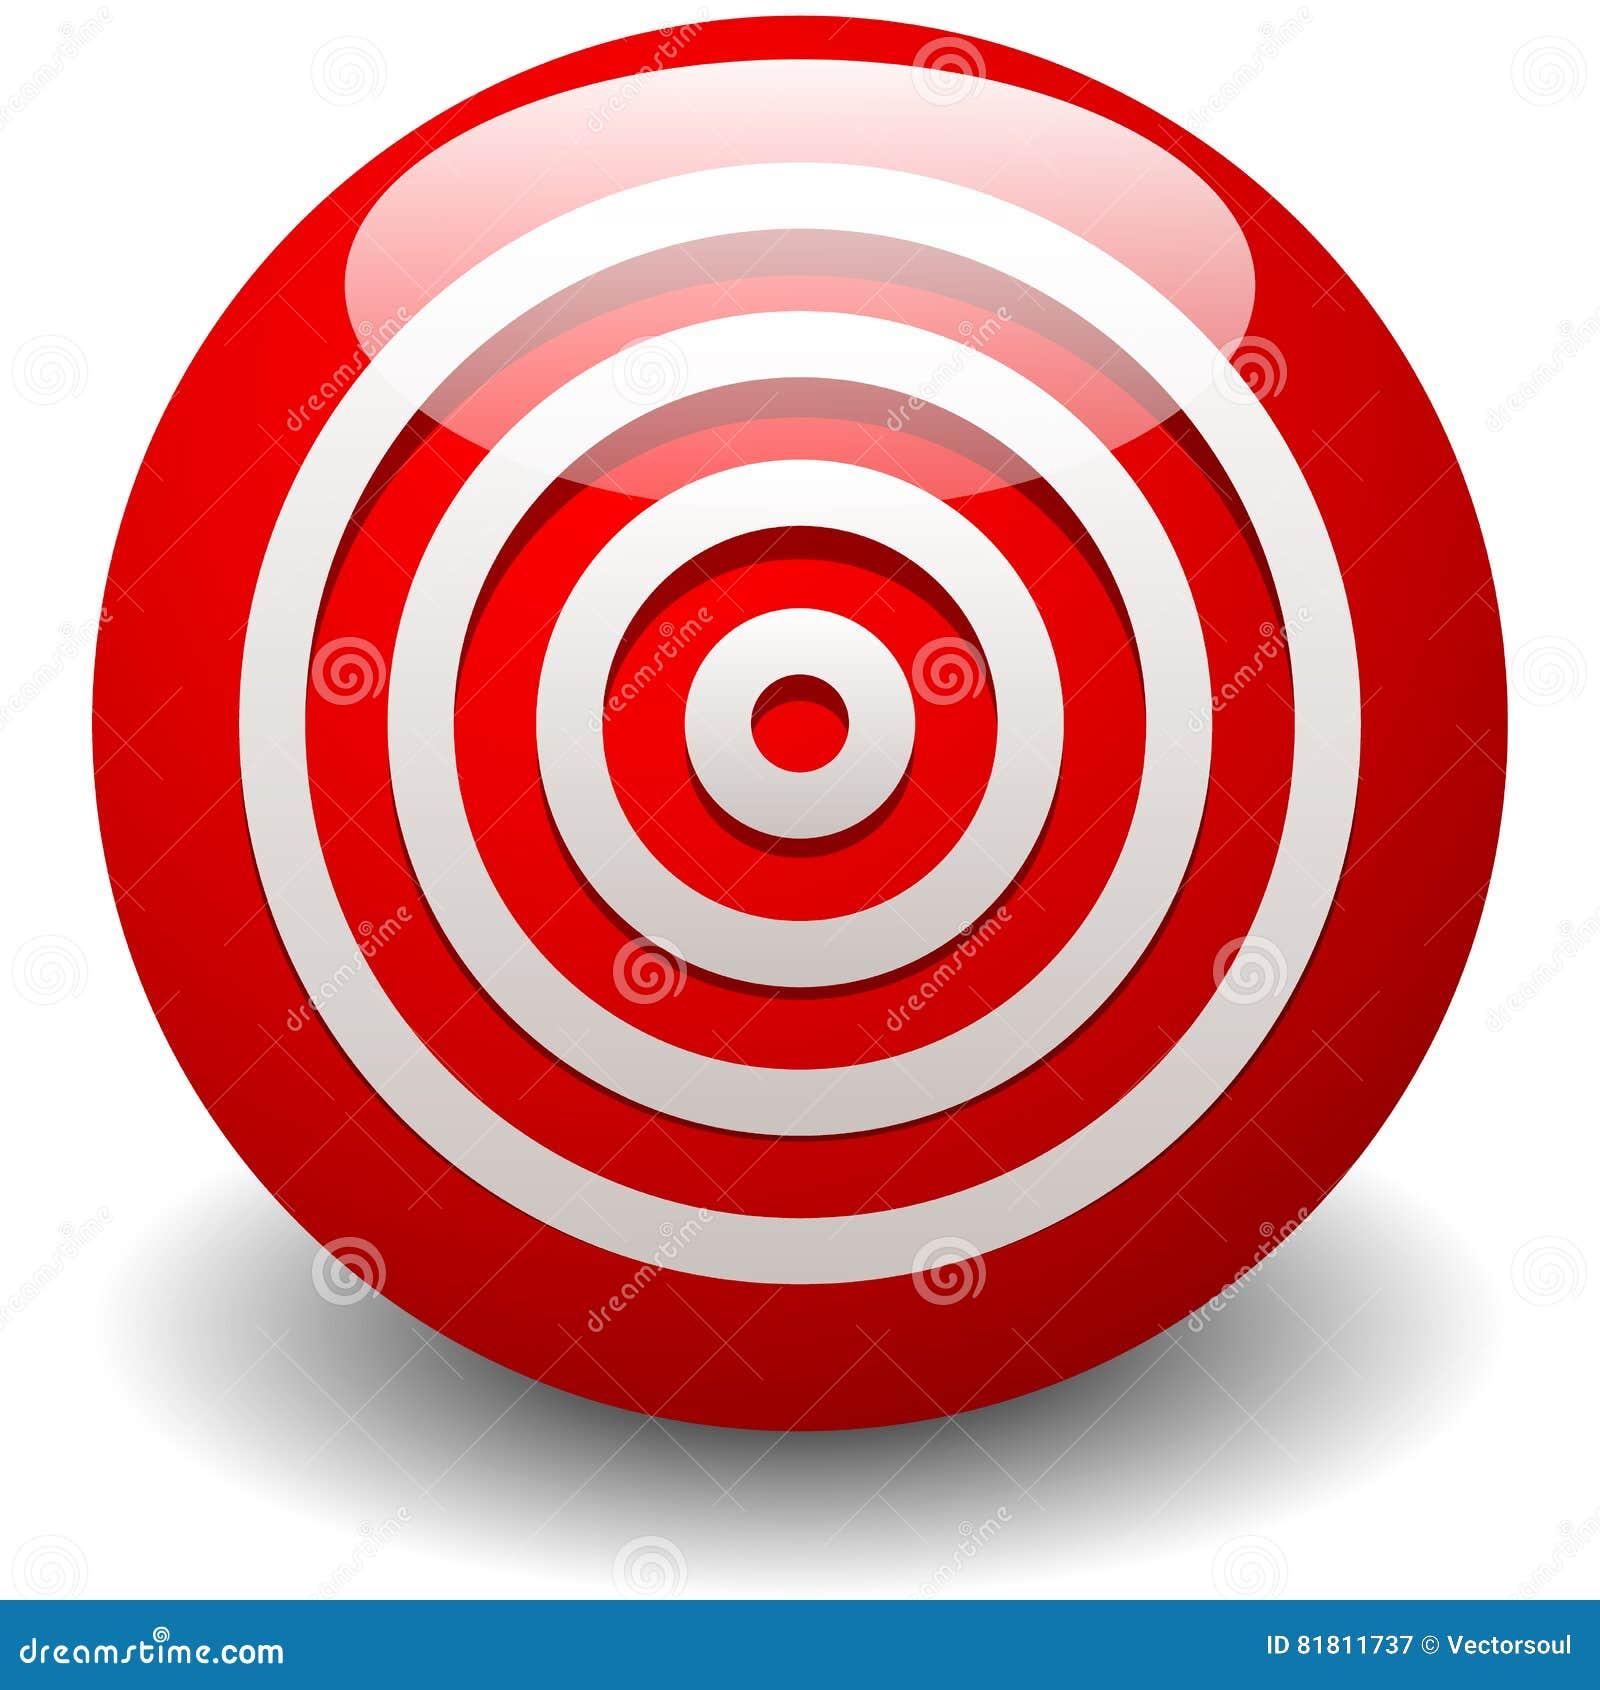 Красная цель, яблочко, точность, значок точности - концентрическое circ